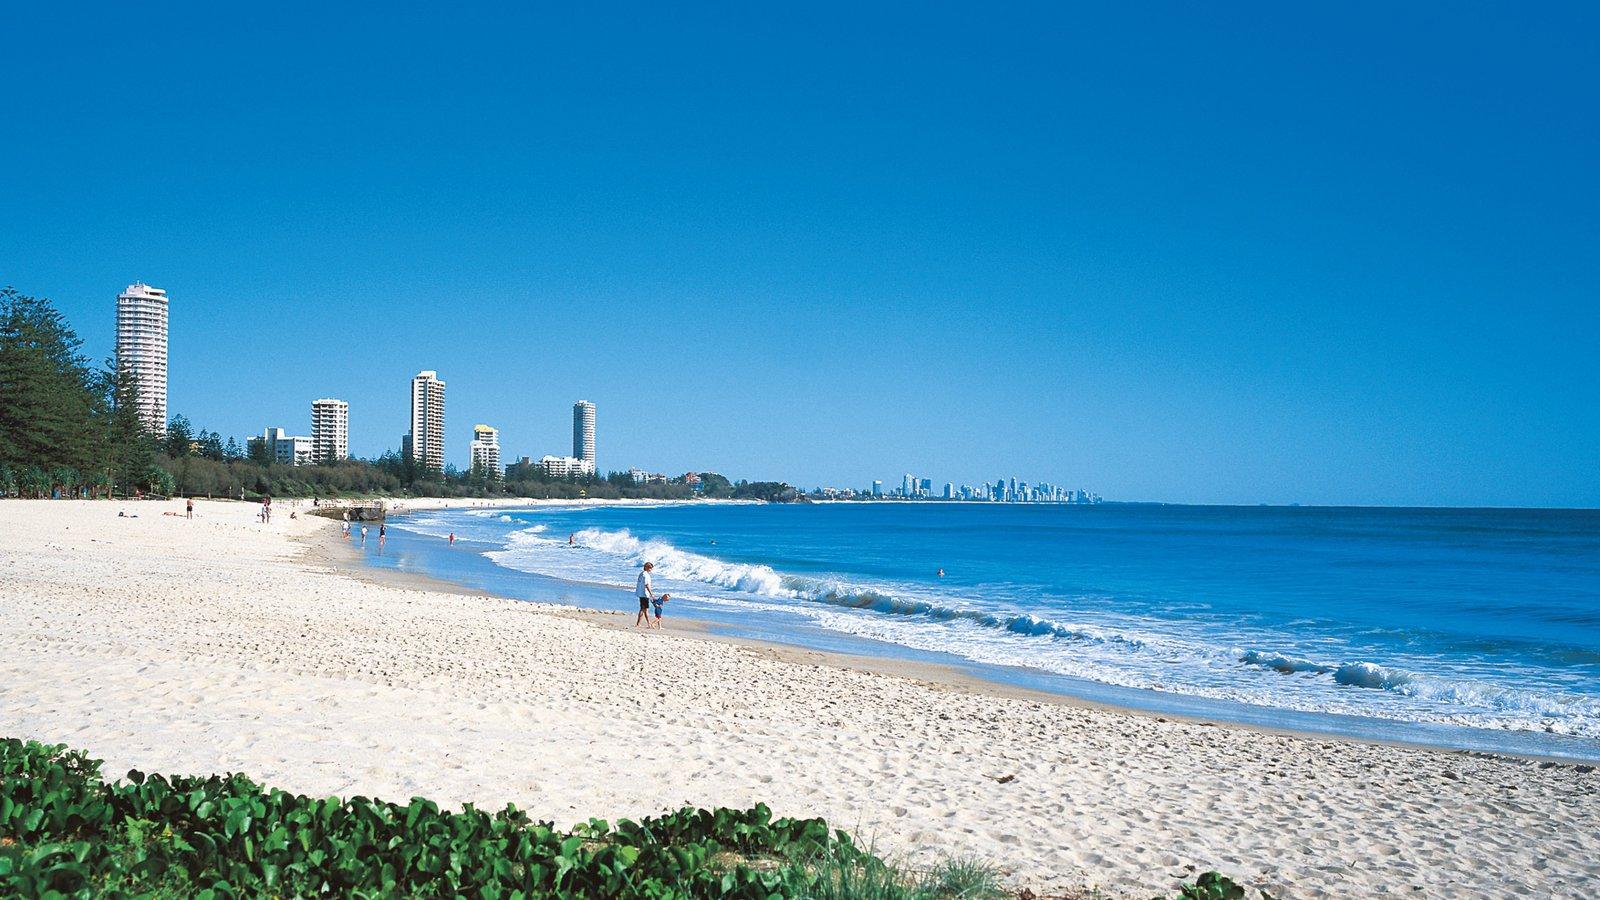 Burleigh Beach, Gold Coast - Najpopularnije plaže u Australiji